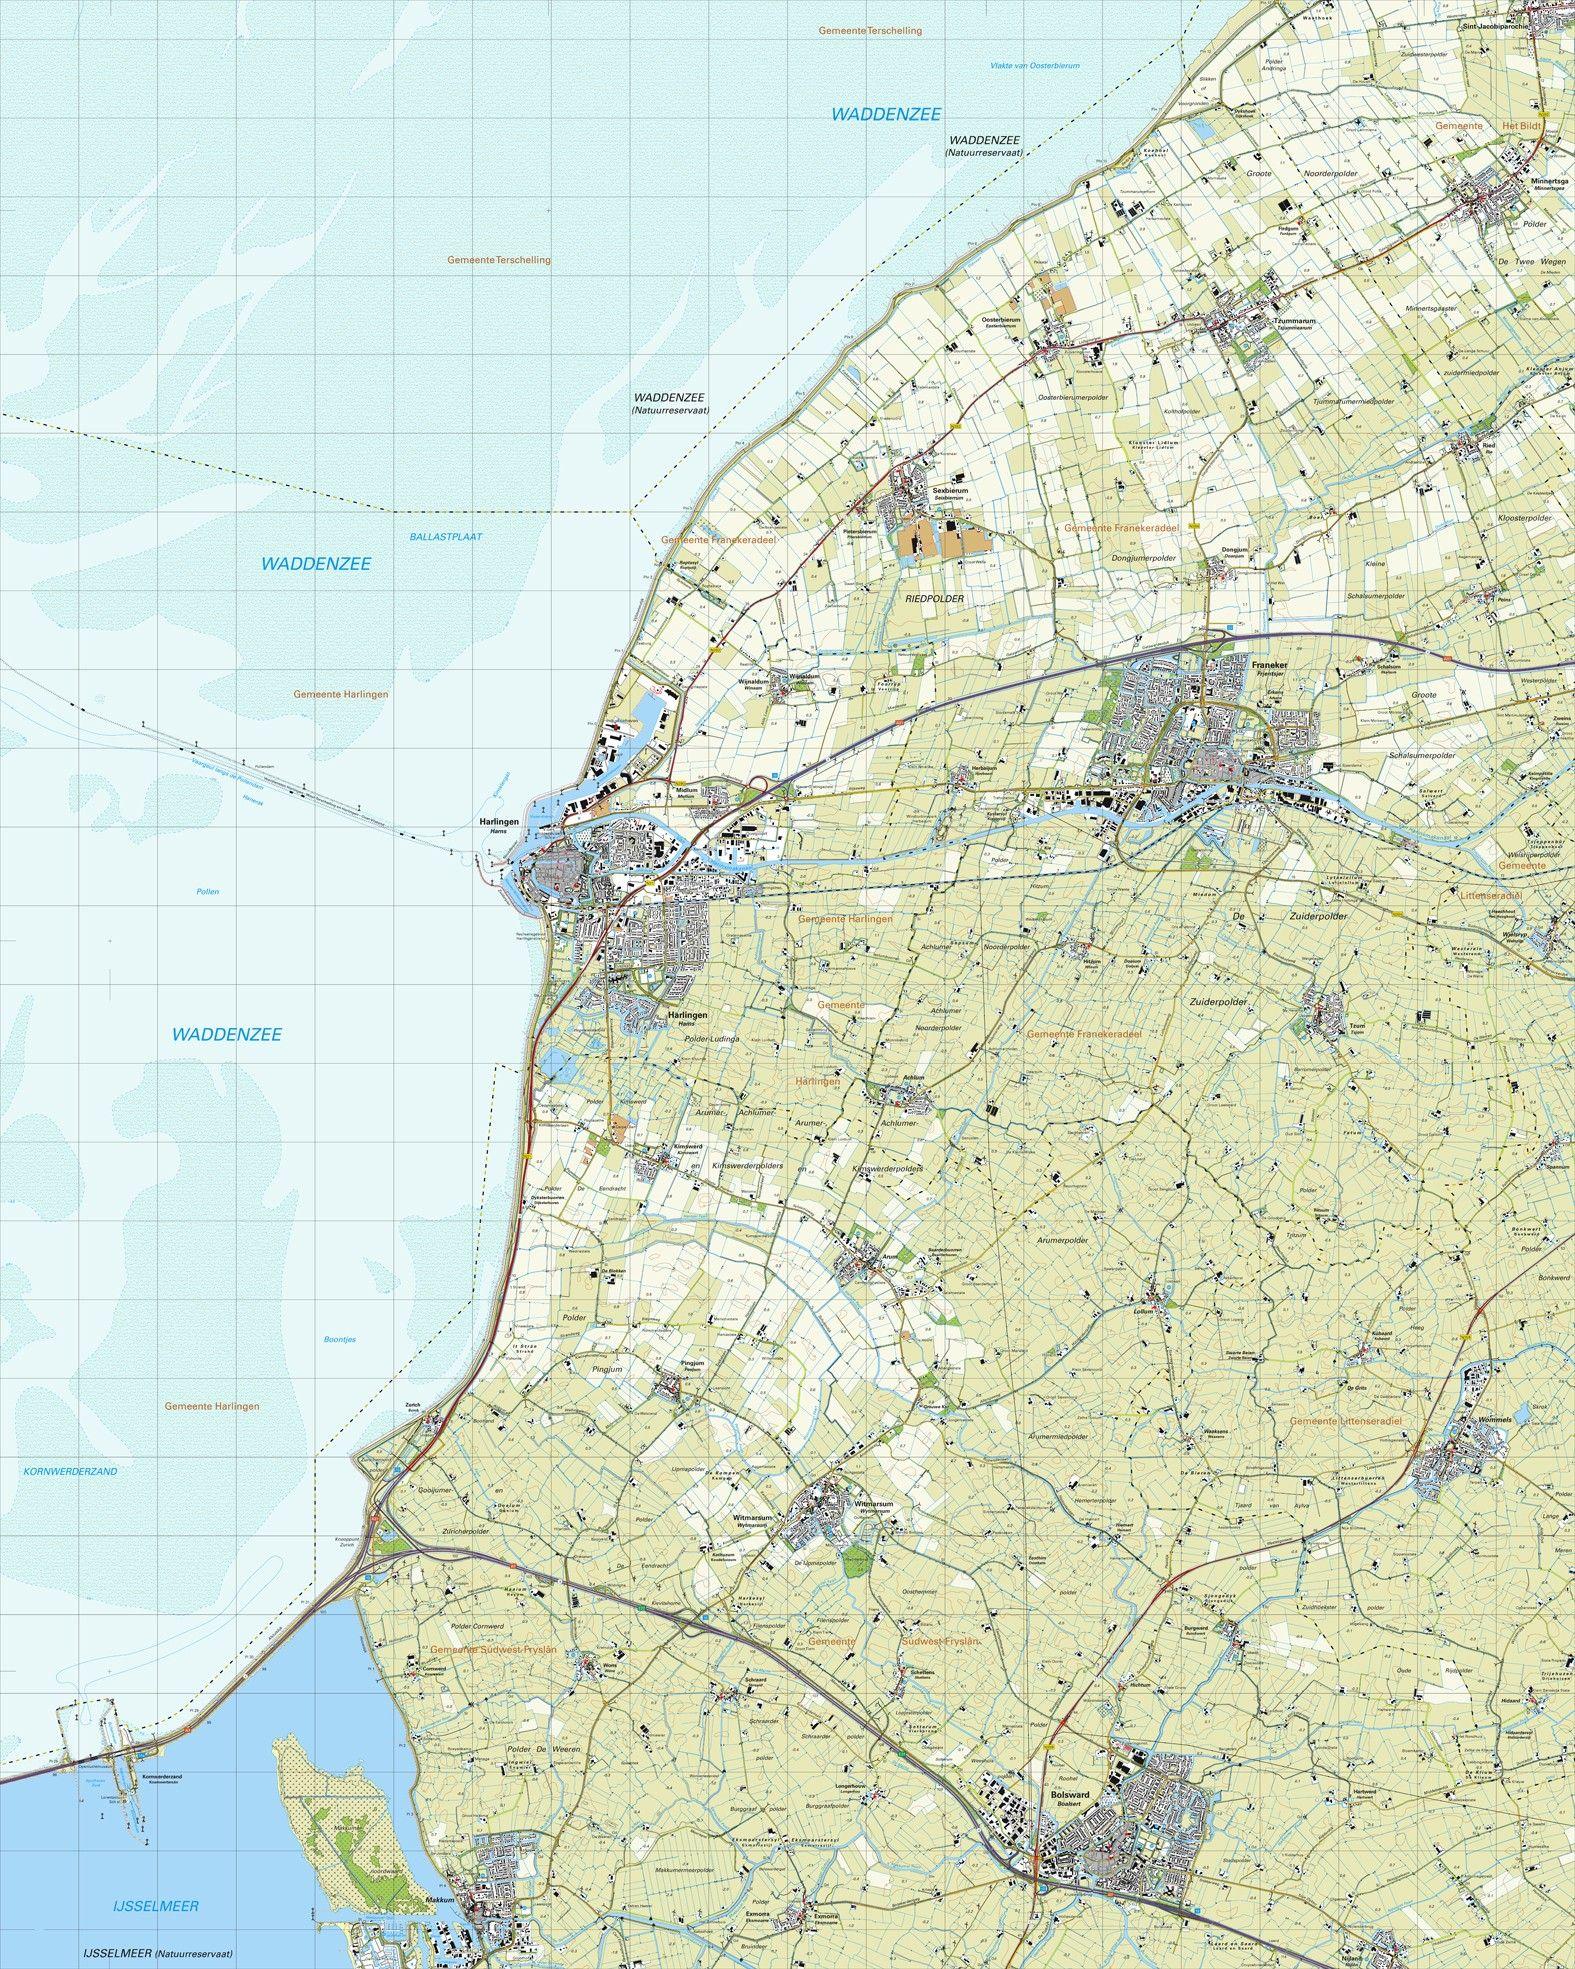 Topografische kaart schaal 1:25.000 (Harlingen,Franeker,Bolsward,Witmarsum,Makkum)